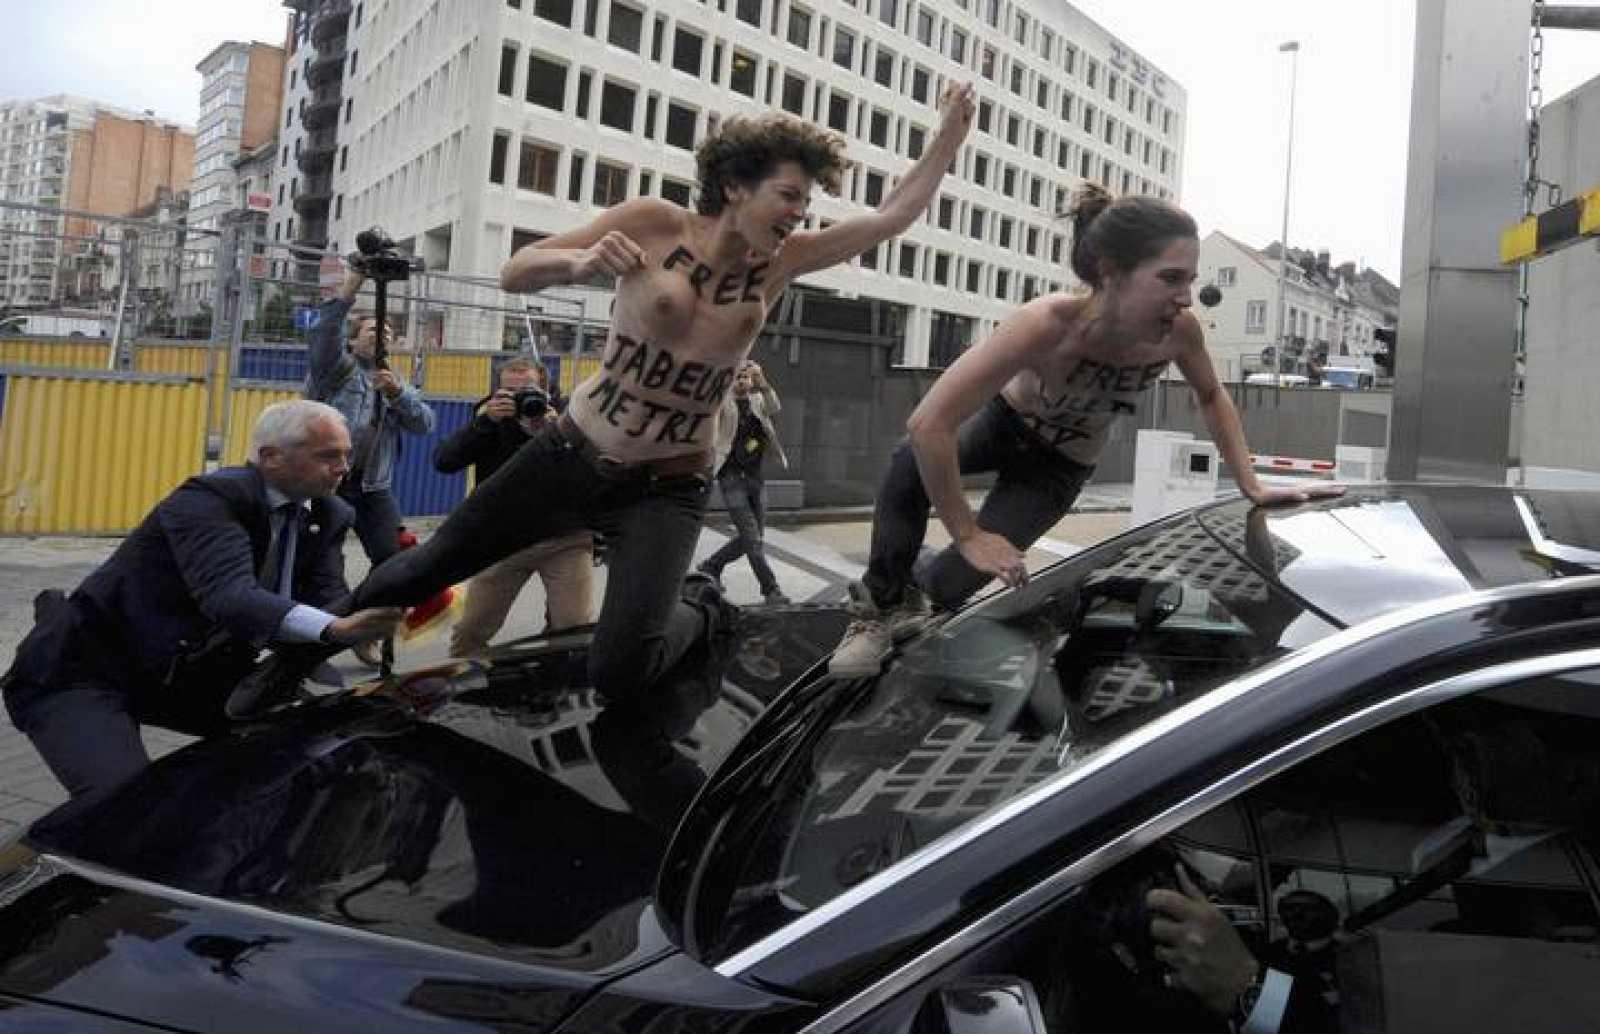 Activistas de FEMEN se lanzan sobre el coche del primer ministro tunecino, Ali Larayedh, en Bruselas